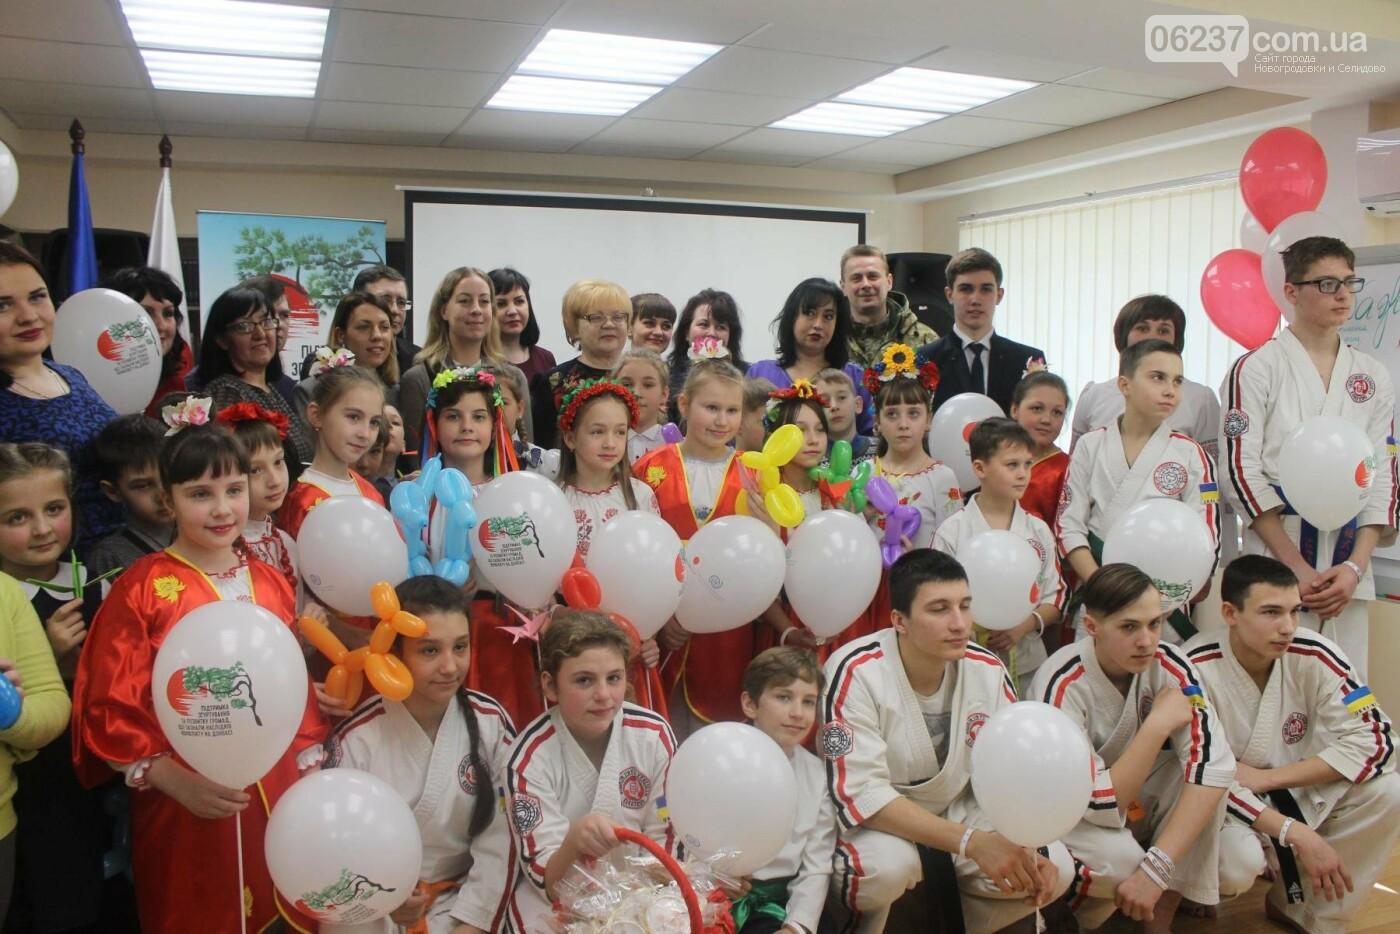 Открытие библиотеки в Новогродовке в рамках проекта Международной организации по миграции, фото-12